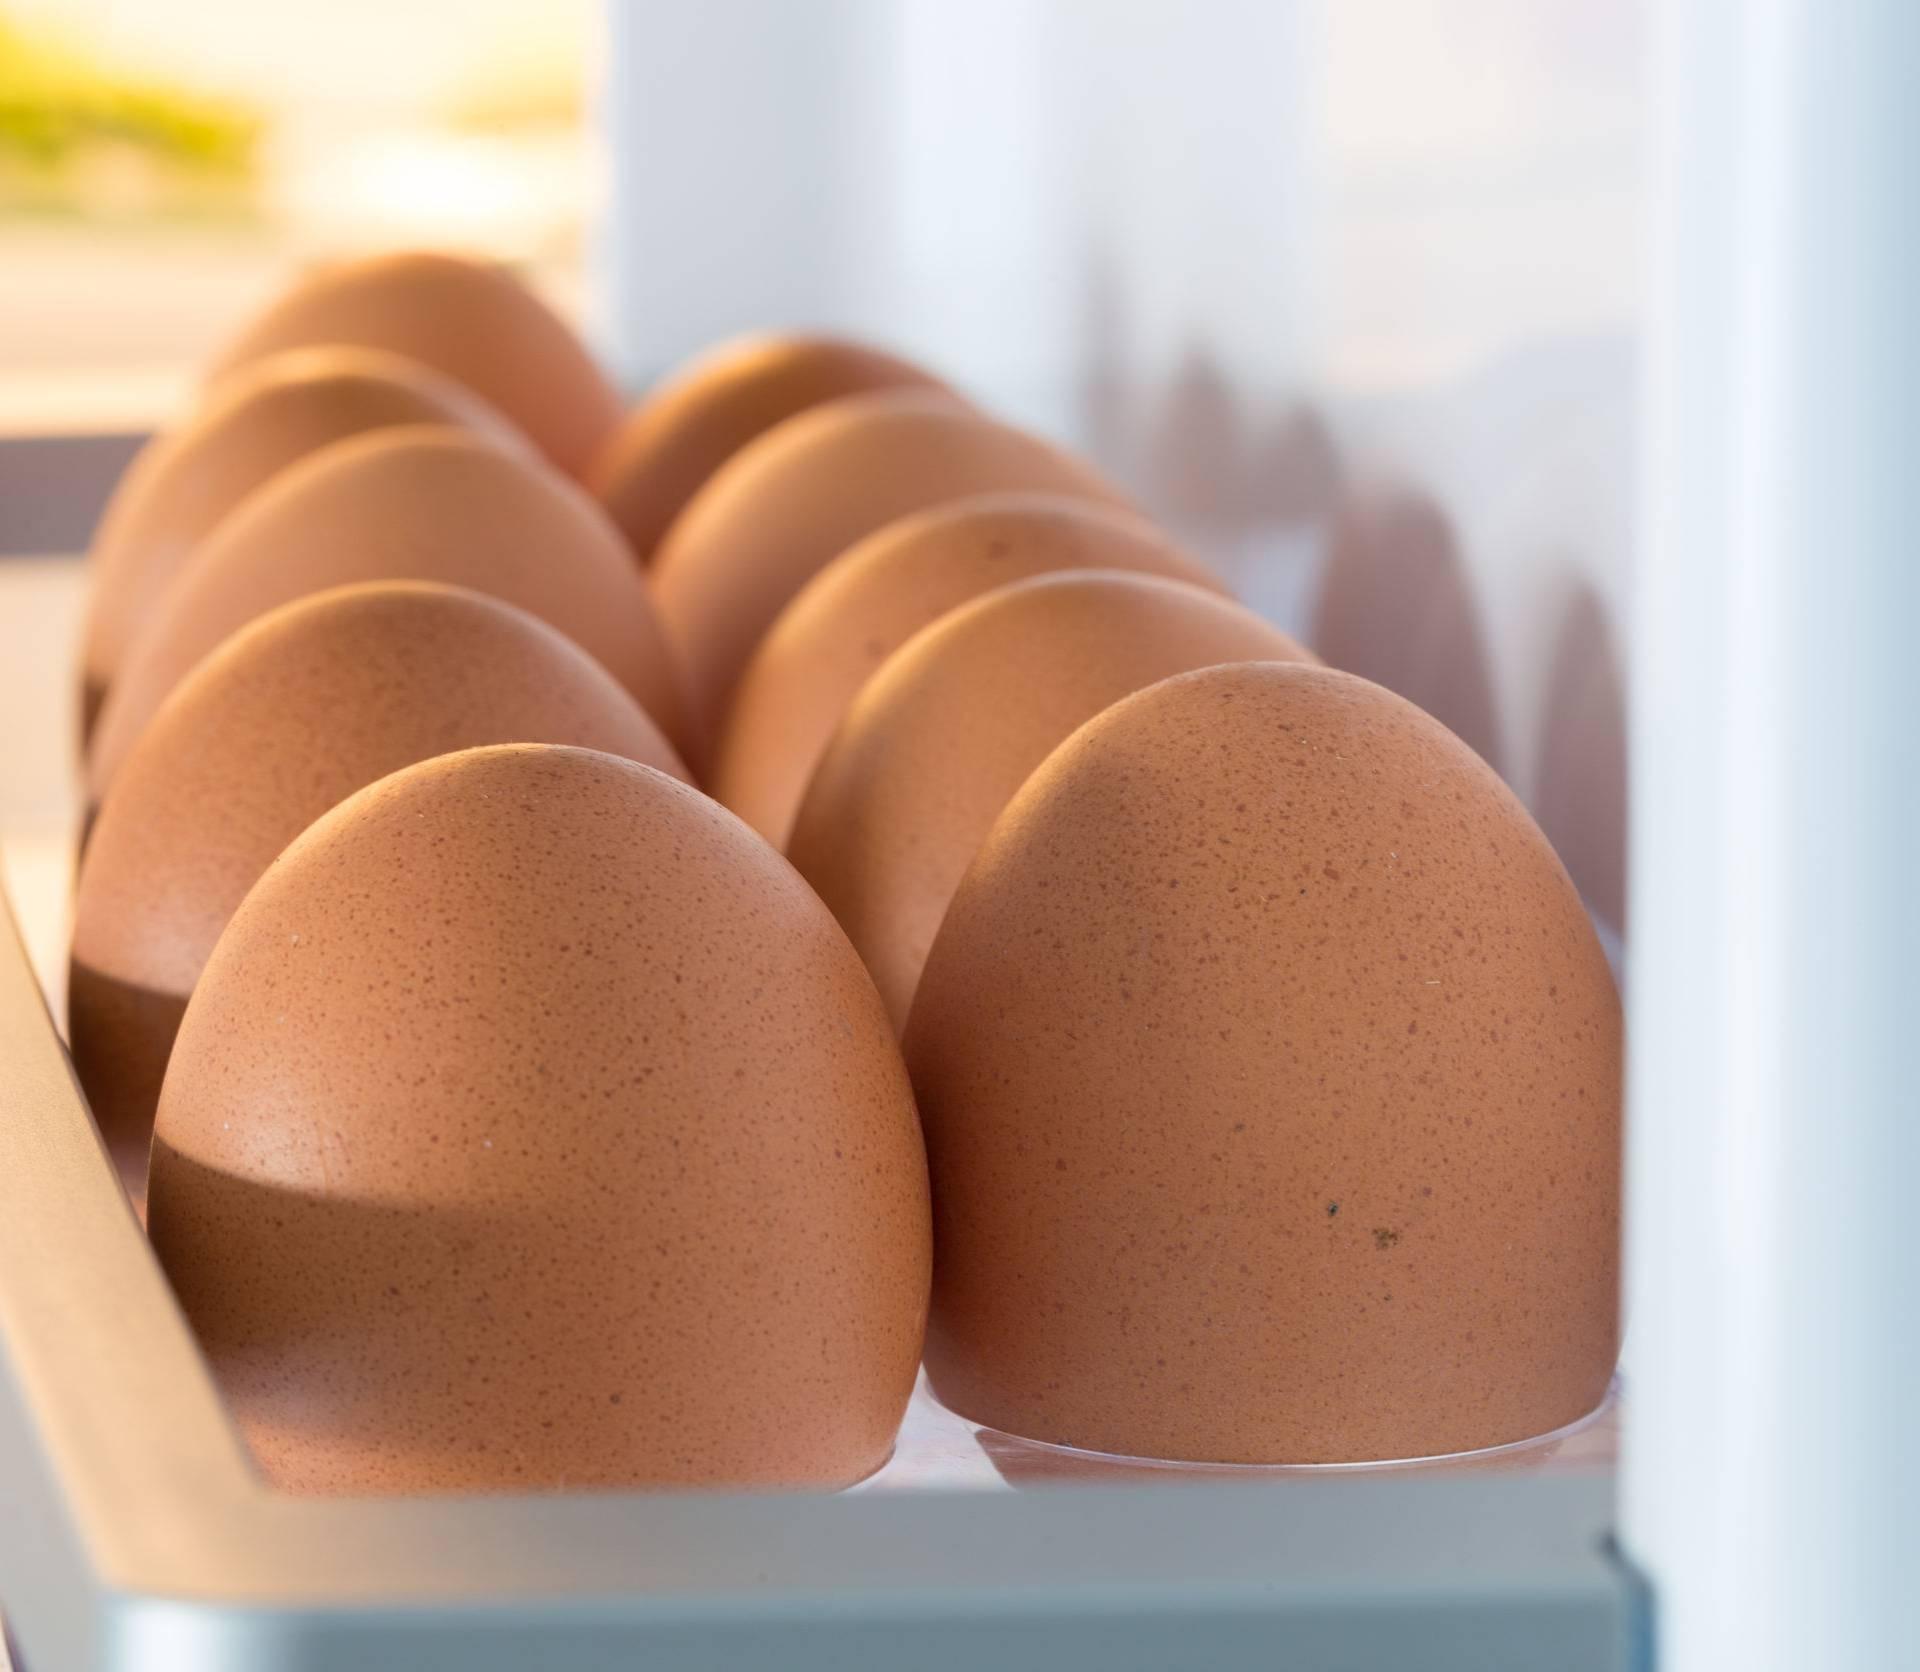 Za recept trebate jaja, a baš ih nemate? Ovo su super zamjene